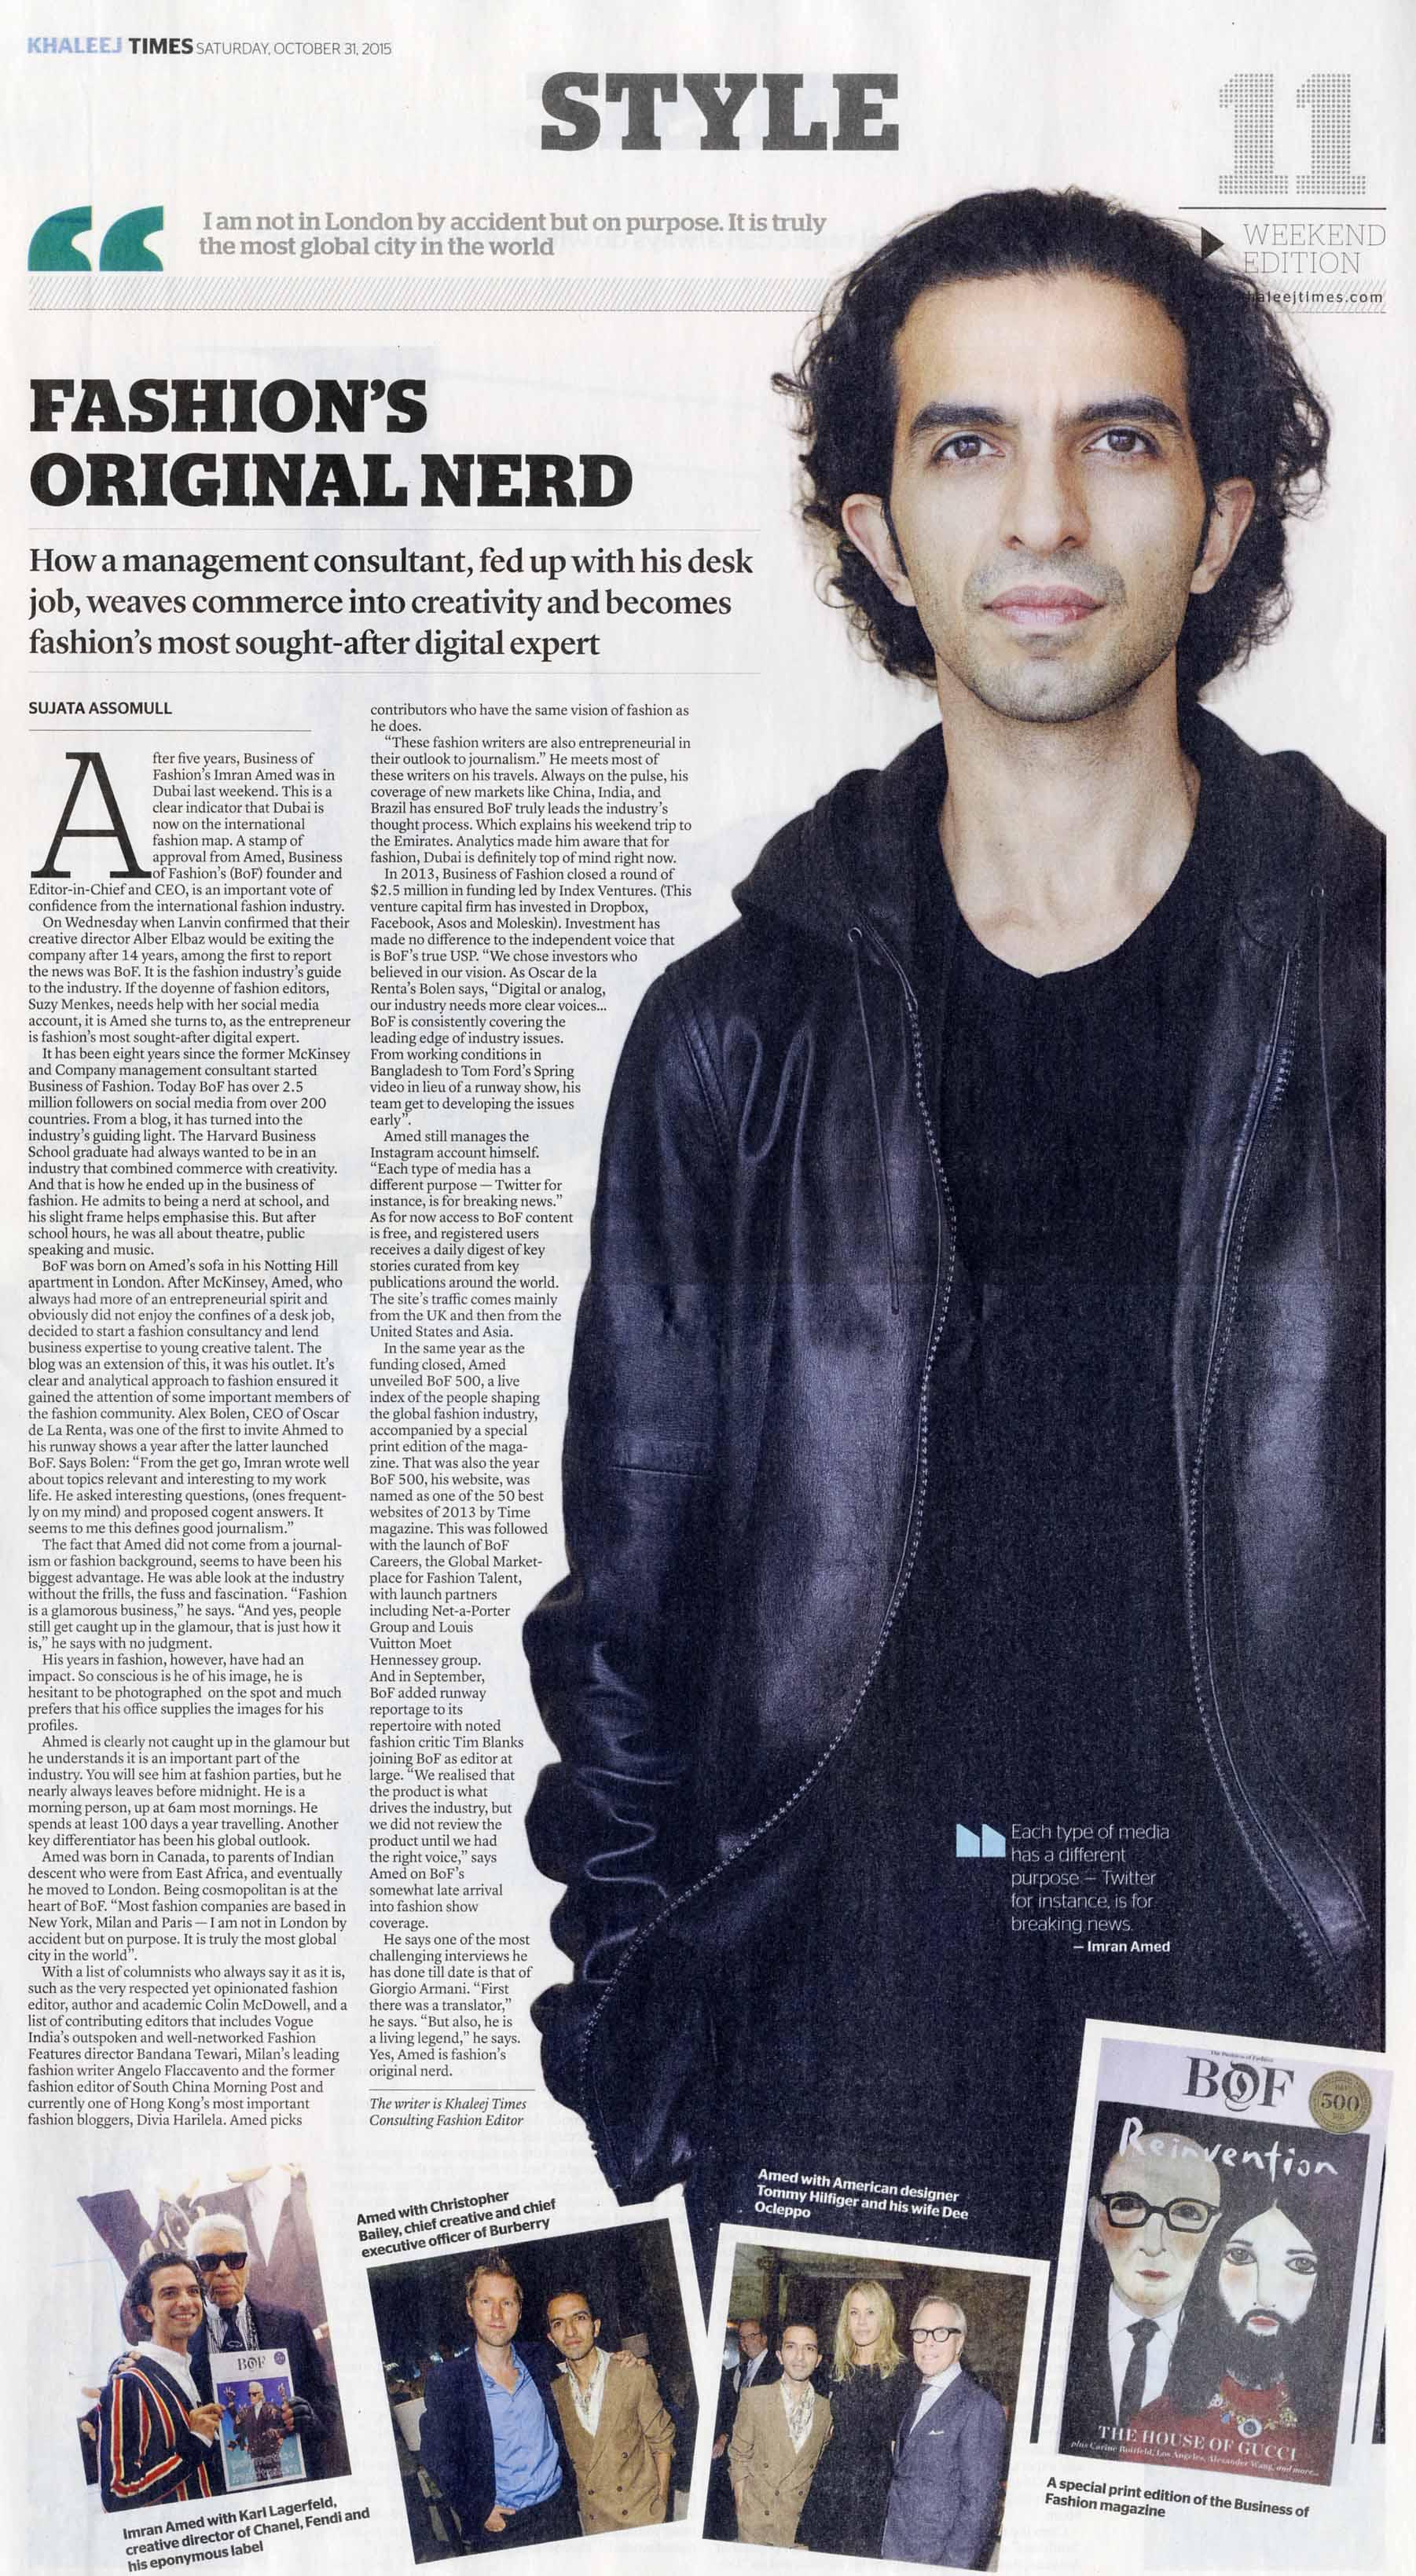 Khaleej Times.Original Nerd.31 Oct.jpg